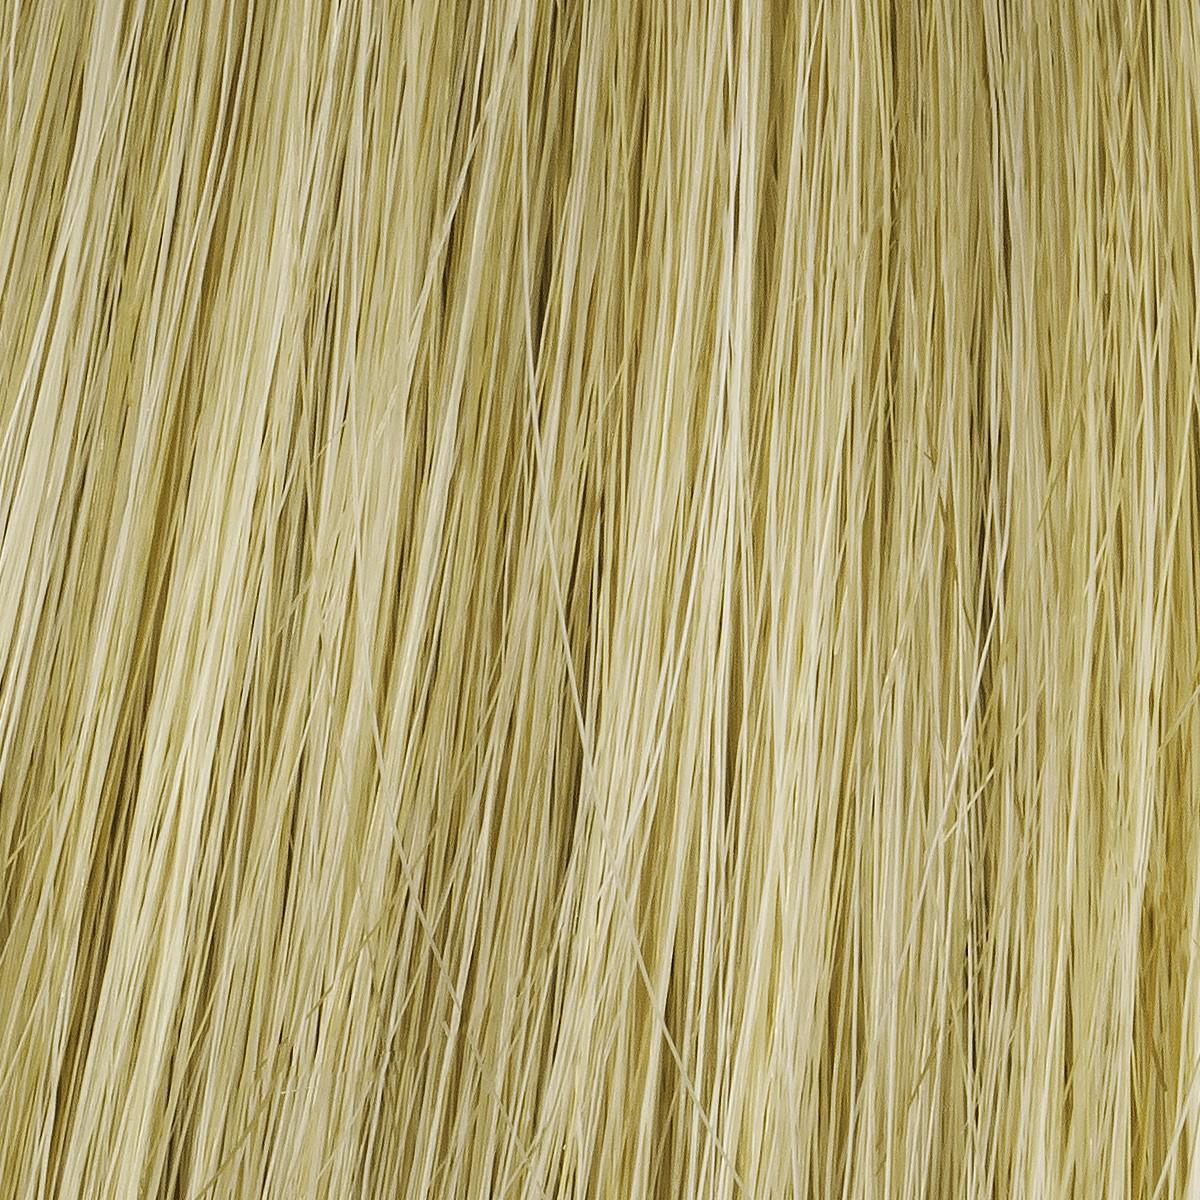 R25 Ginger Blonde Human Hair